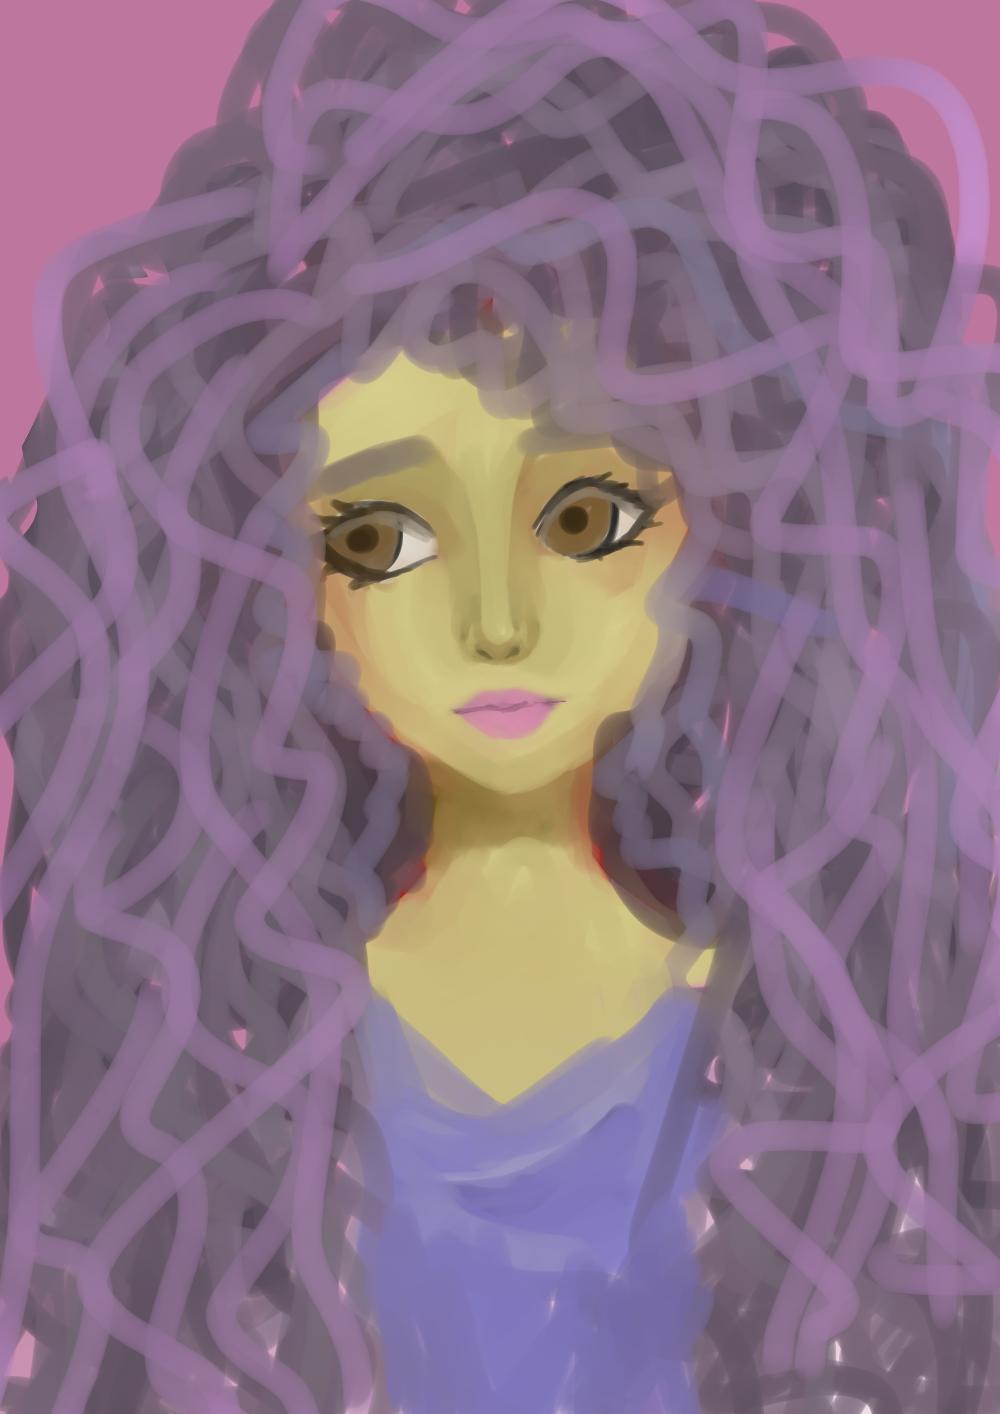 Minhas ilustrações, desenho, ilustrações, blog exalando purpurina,  garota, garota de cabelo roxo, cacheada